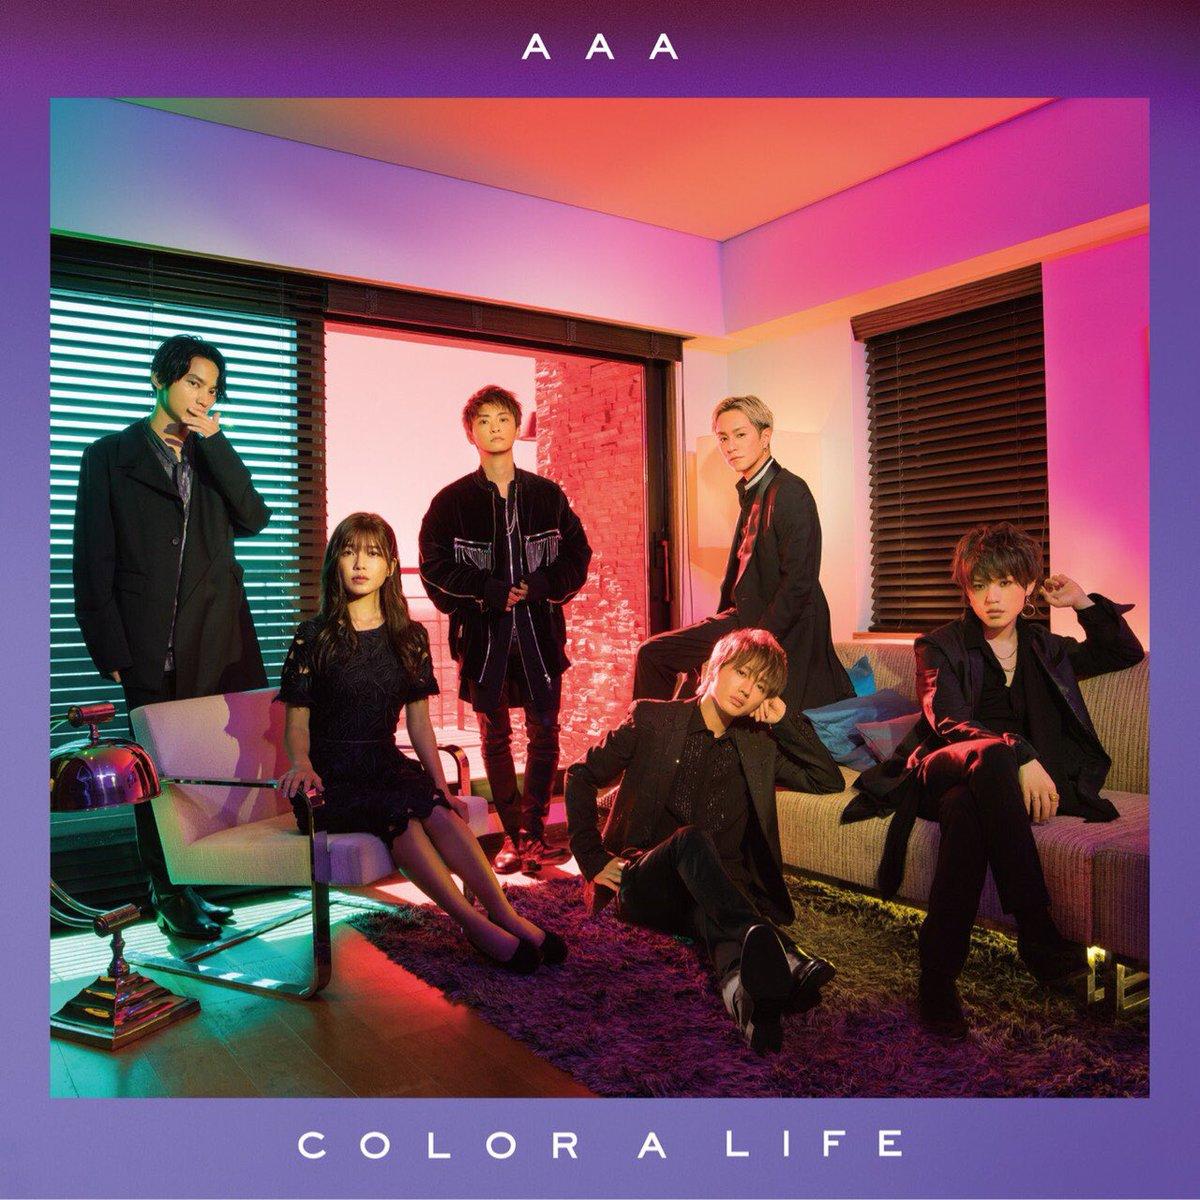 【AAA】新曲「DEJAVU(デジャヴ)」歌詞の意味とは?